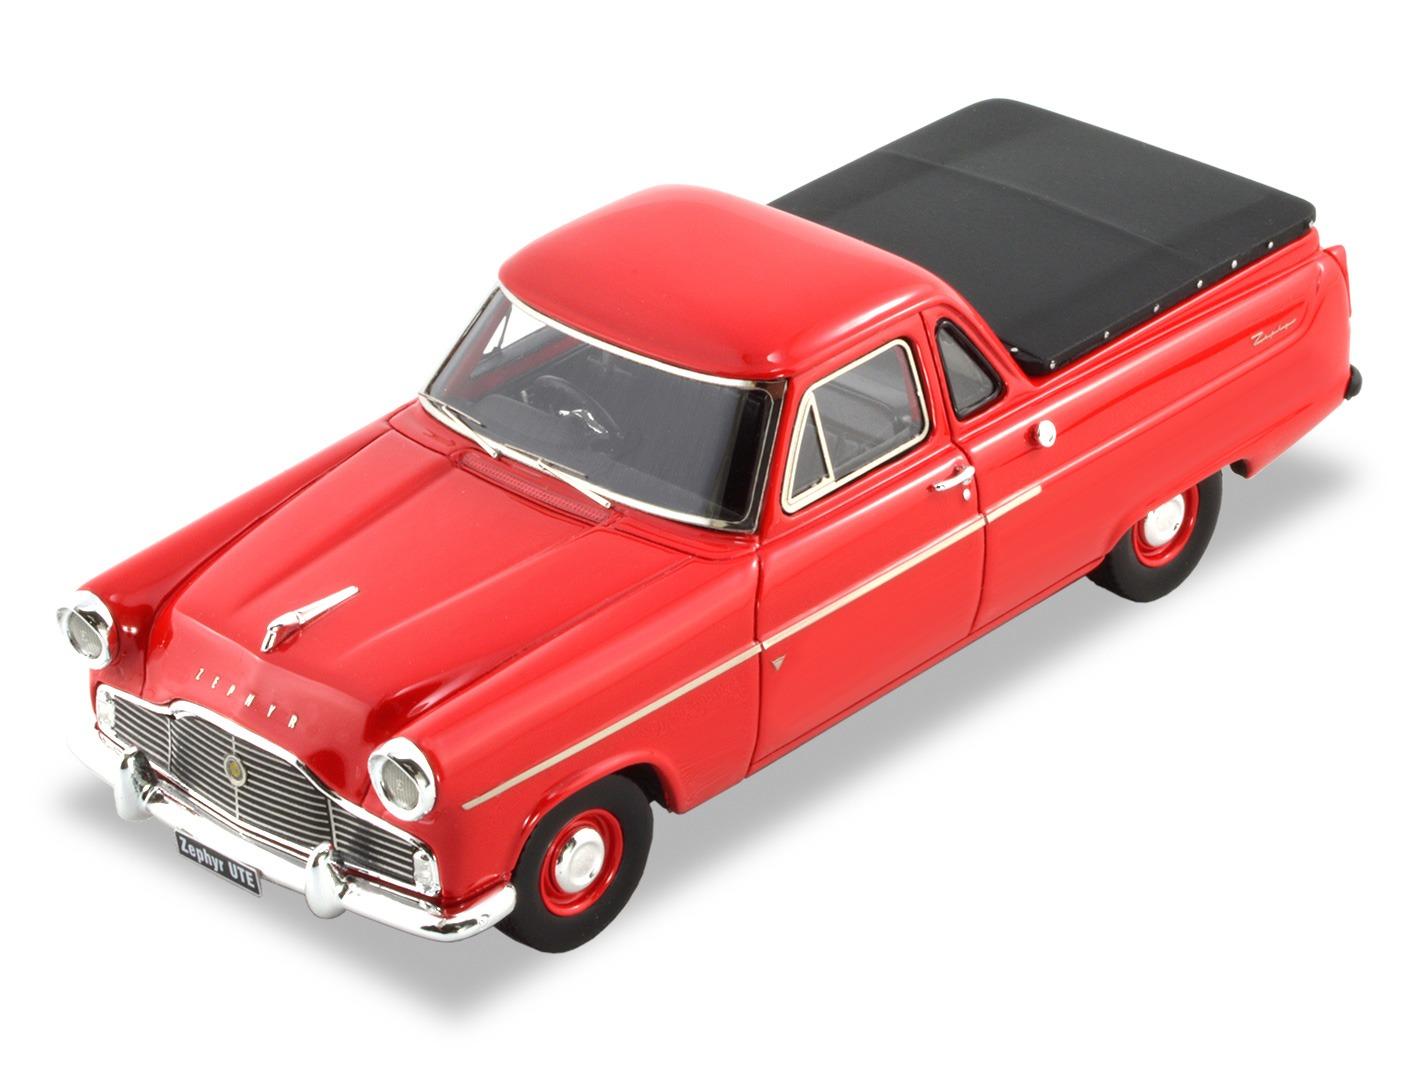 1959 Zephyr MK II Ute – Red